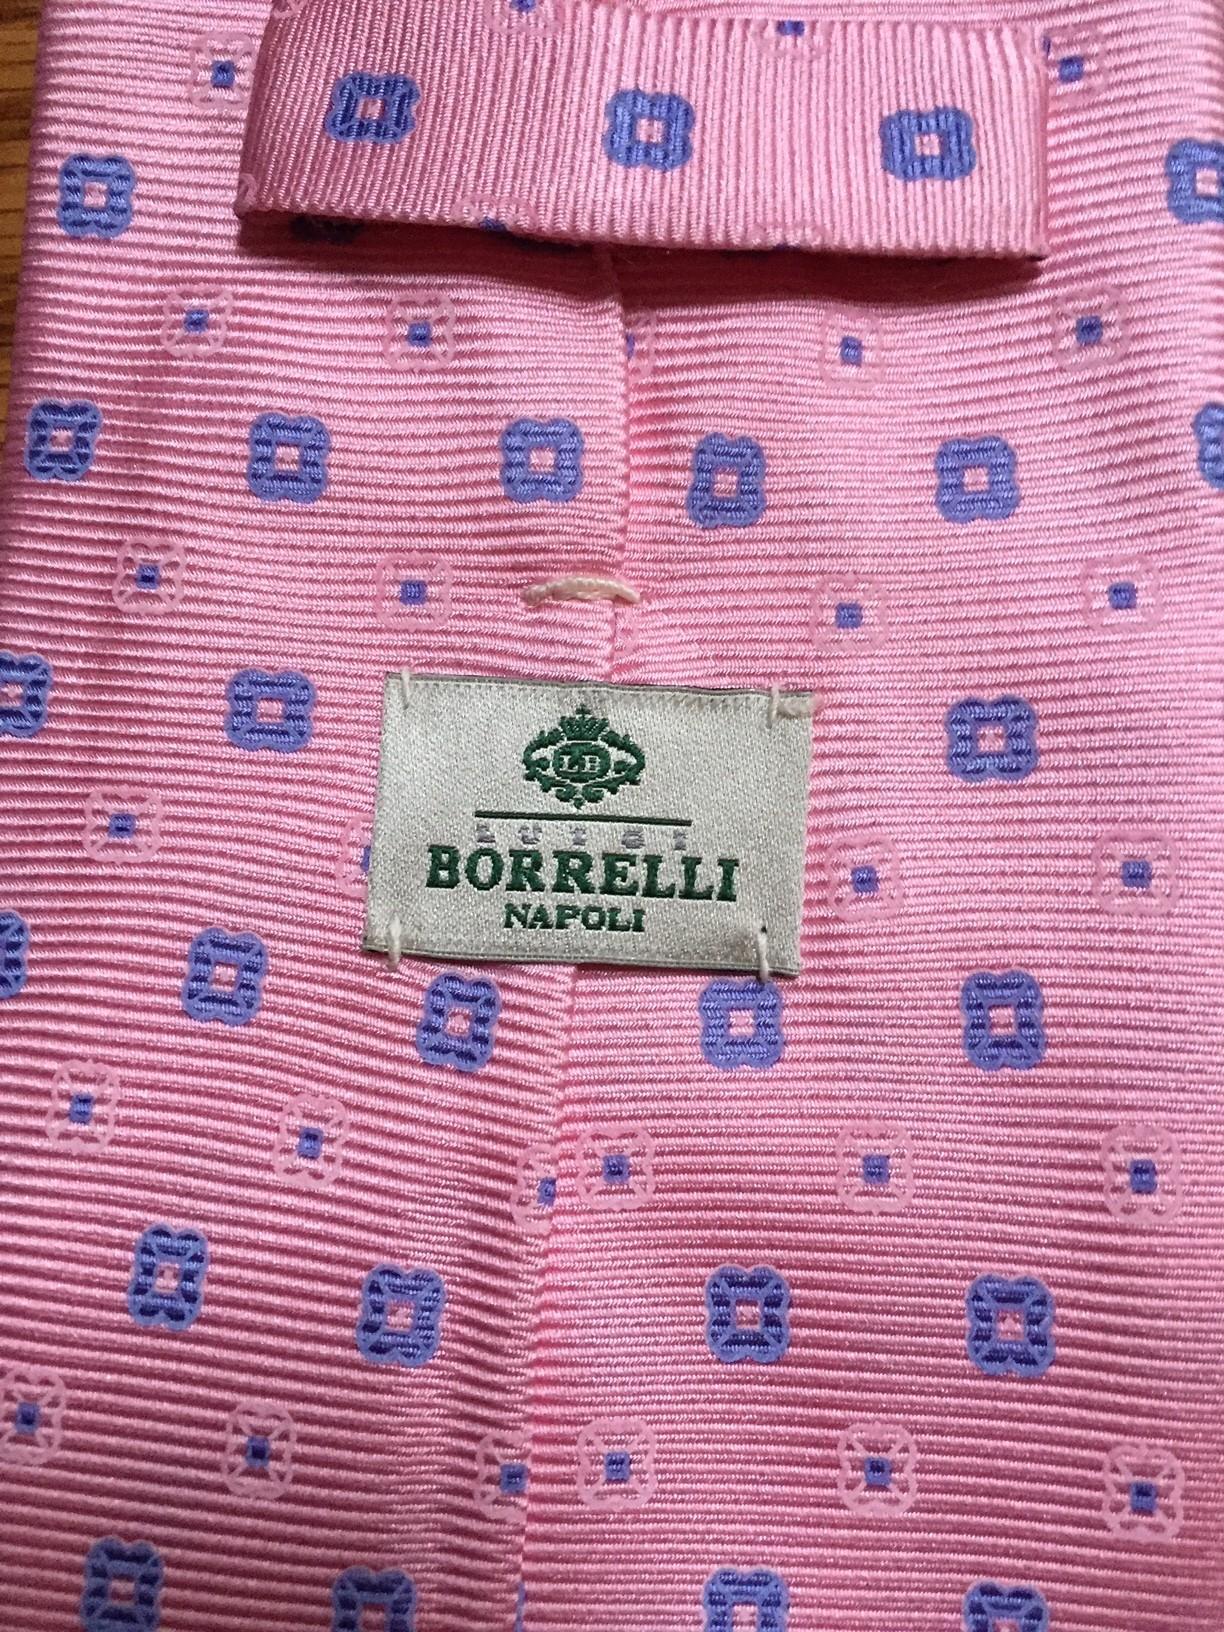 Borrelli Label 1